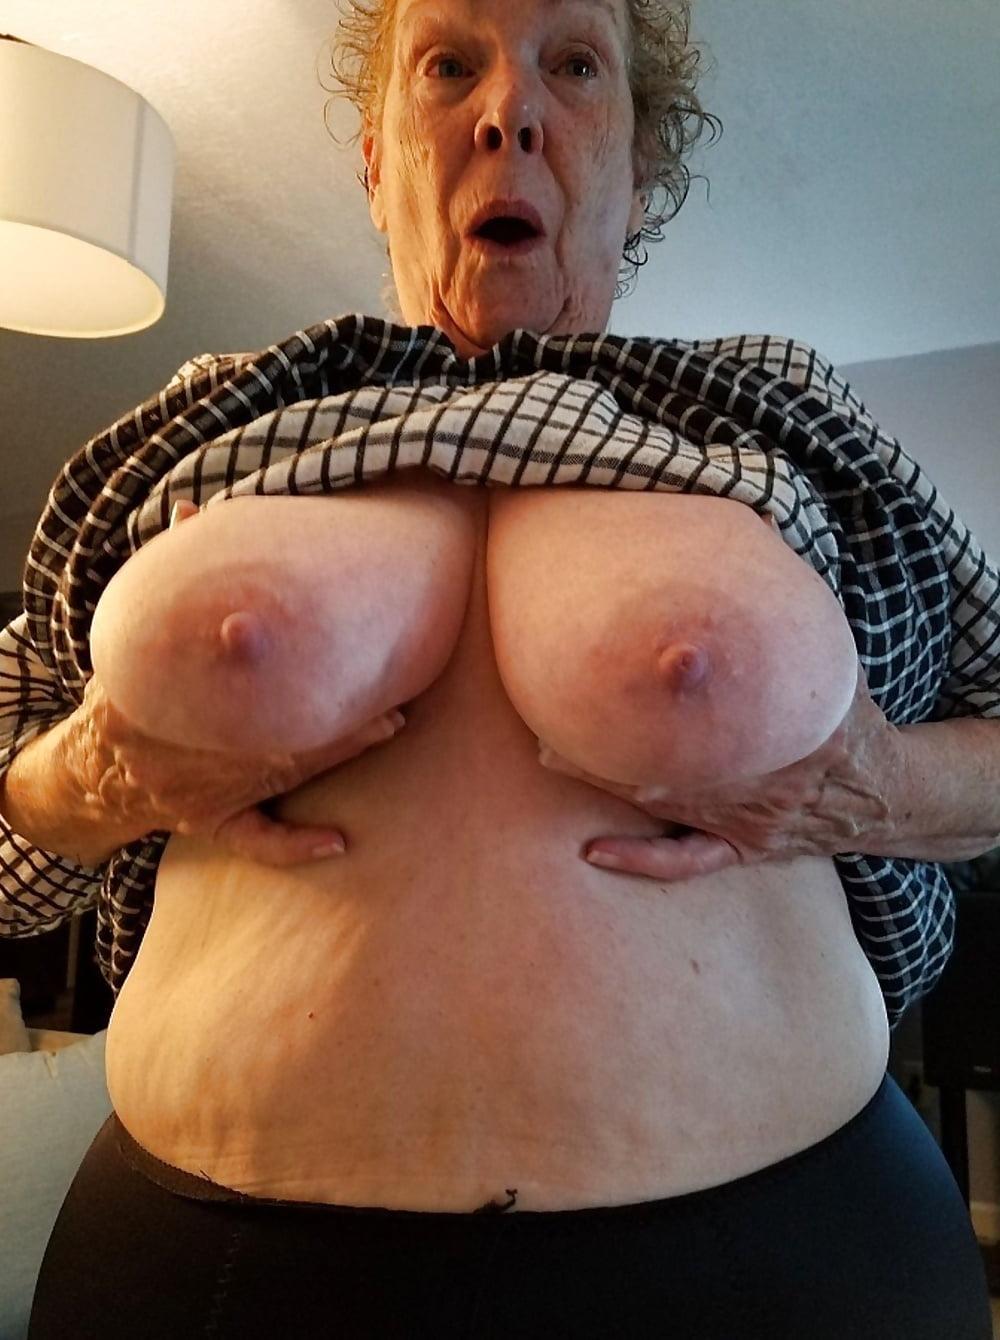 продолжала фото старых женщин с большими сиськами обои рабочий